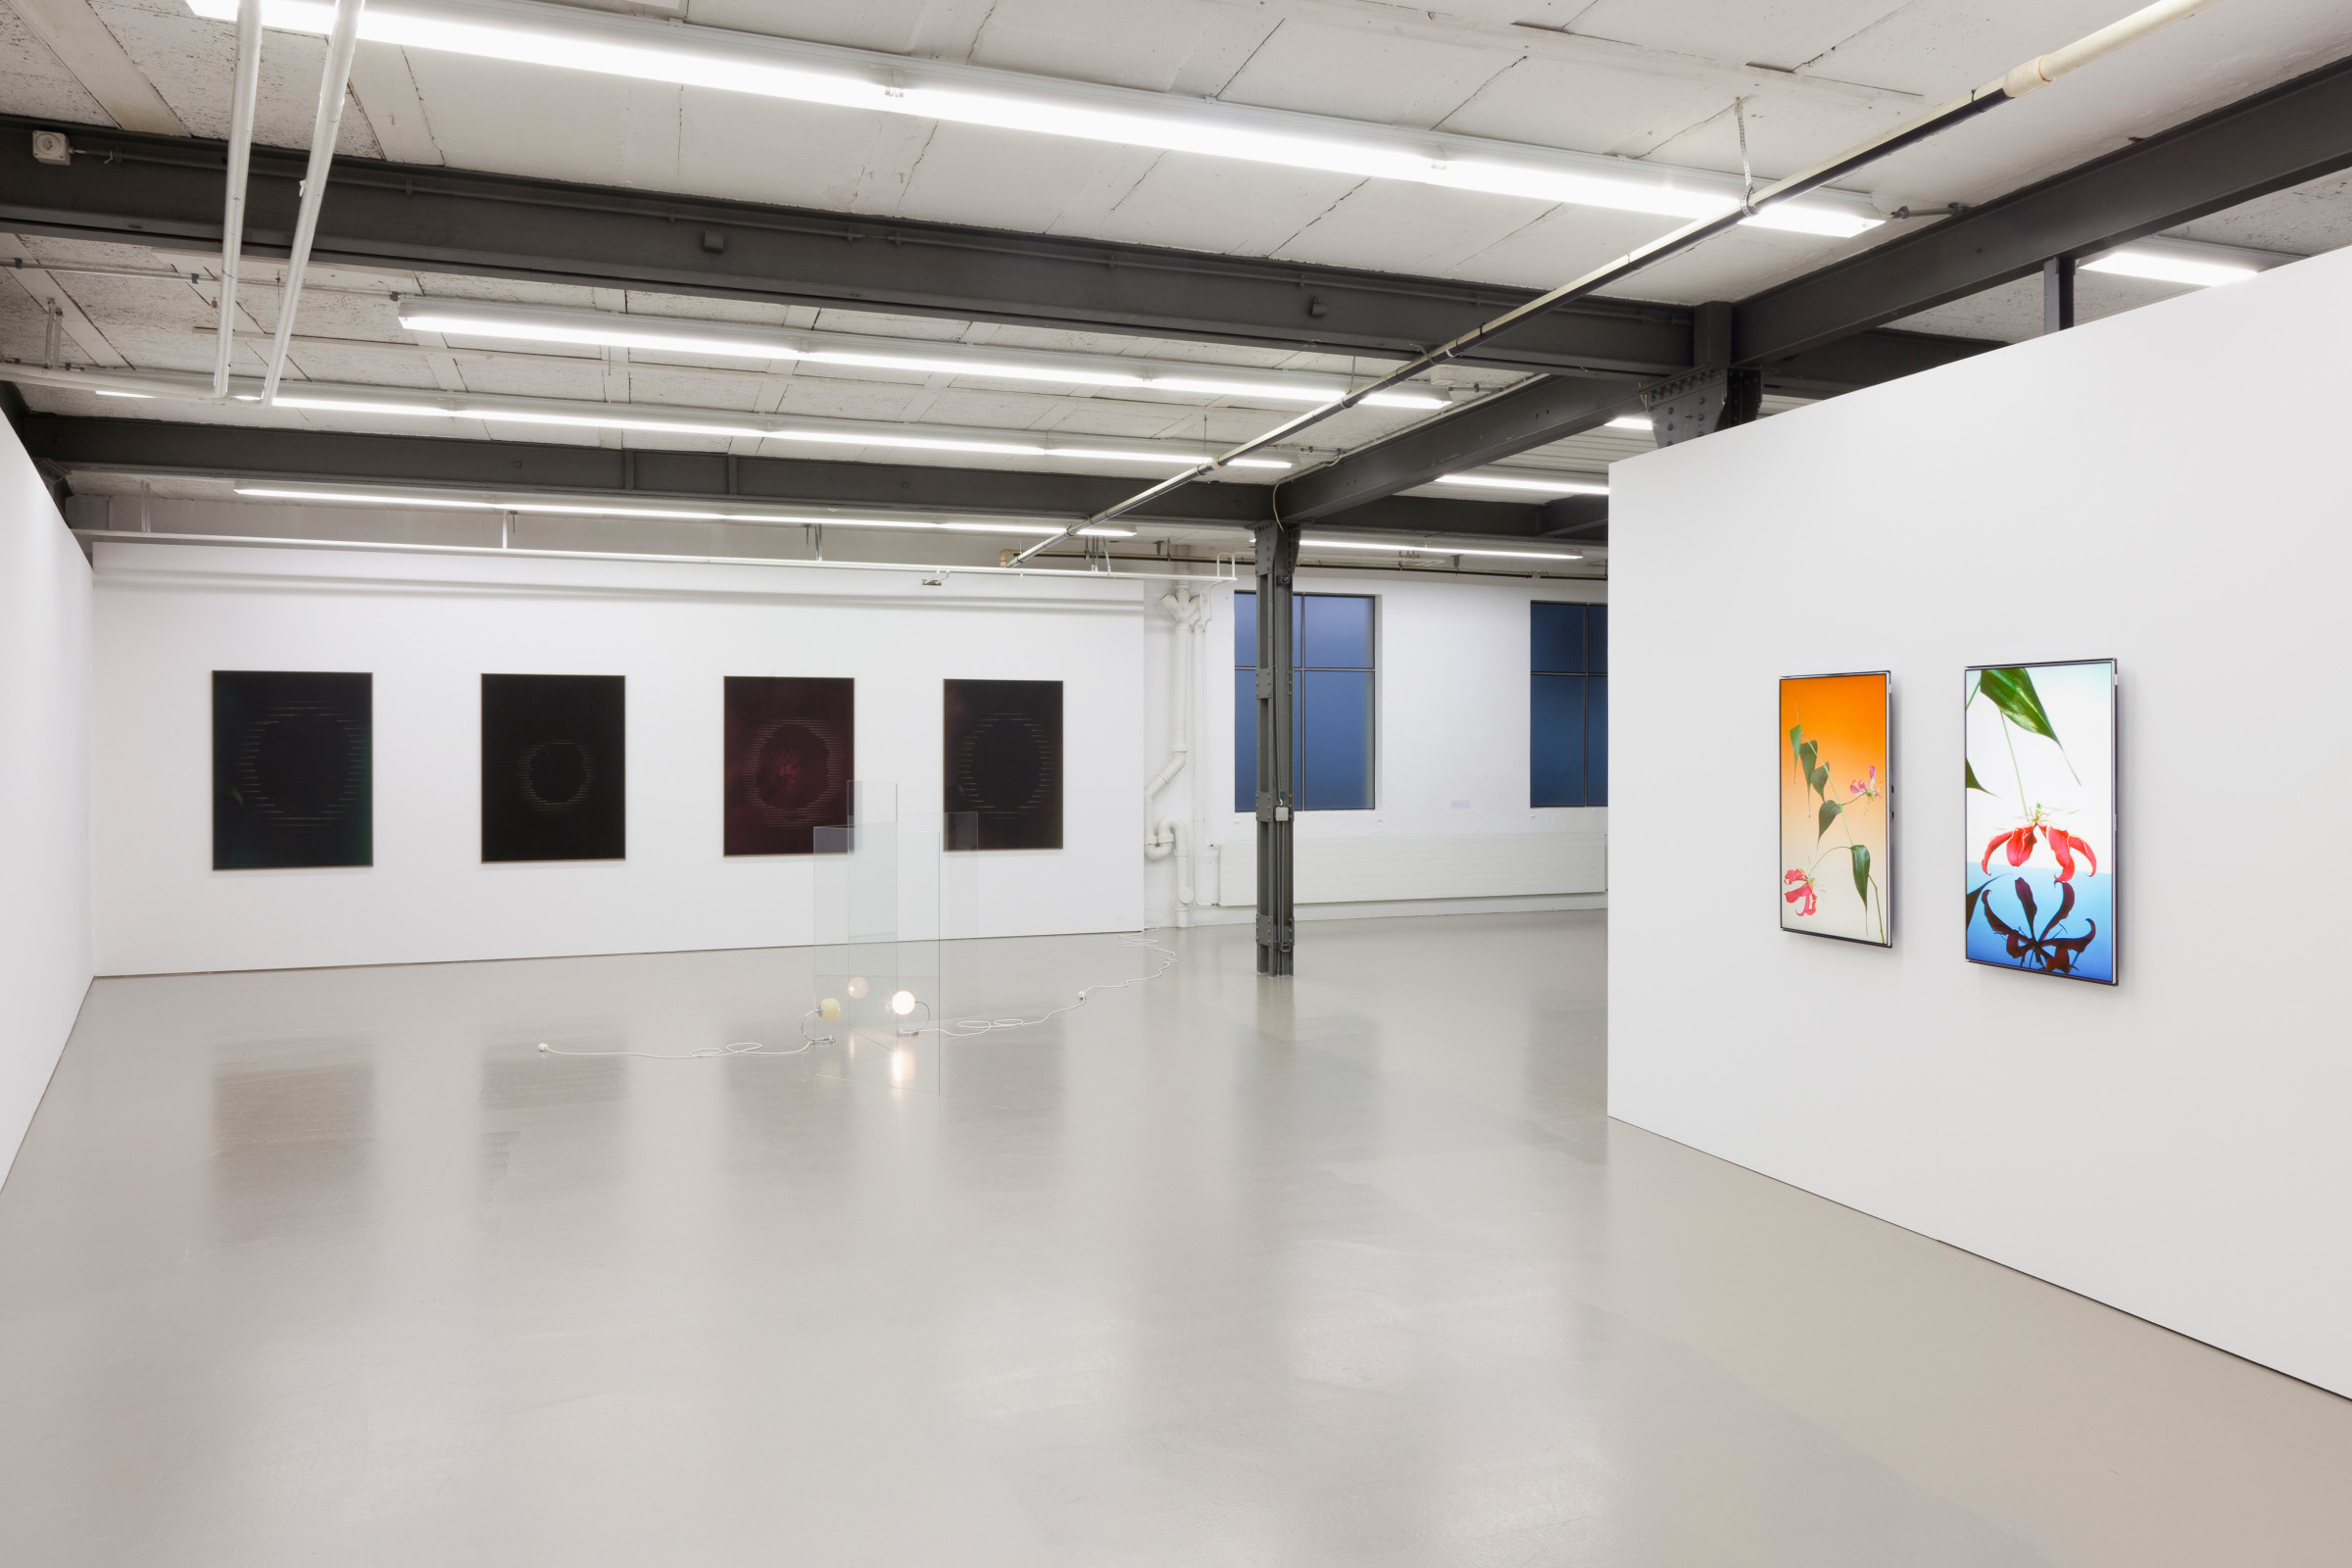 New Existentialism, Kurator, 2011